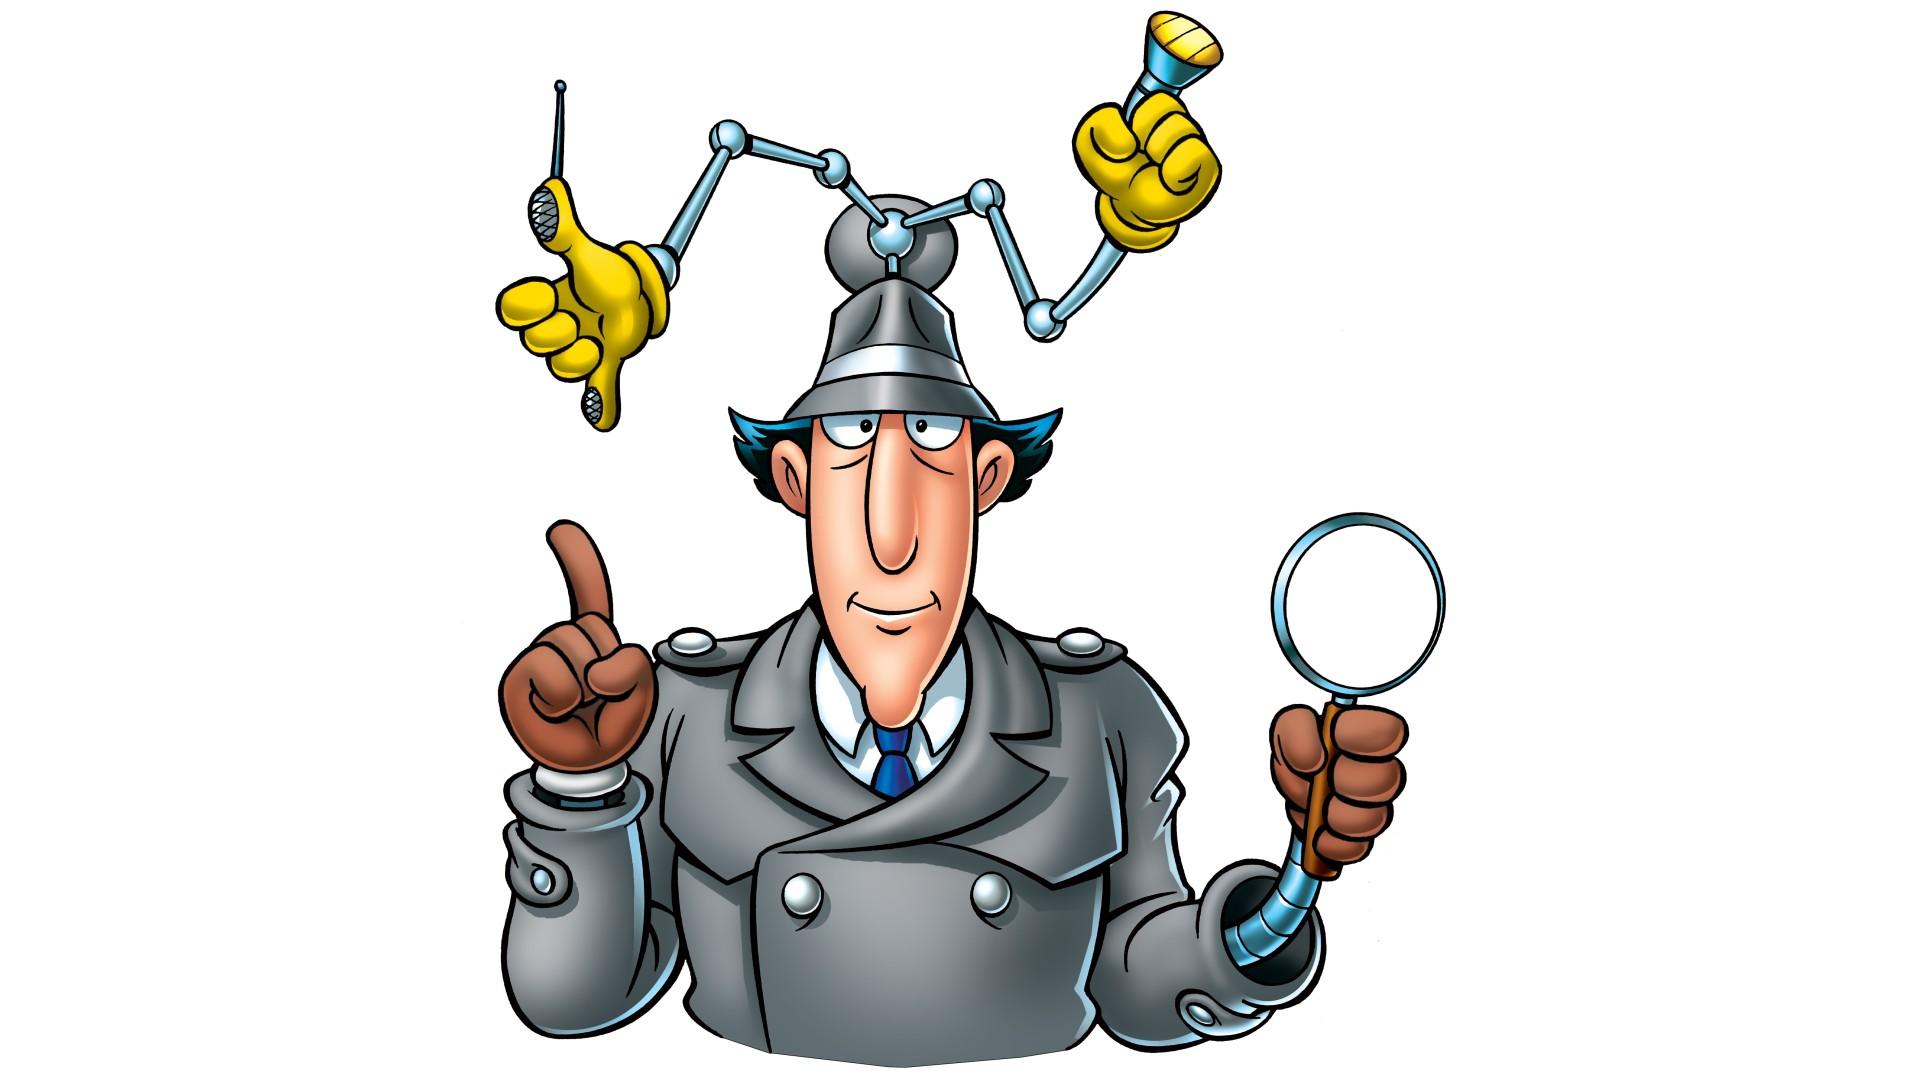 کاراگاه گجت inspector gadget